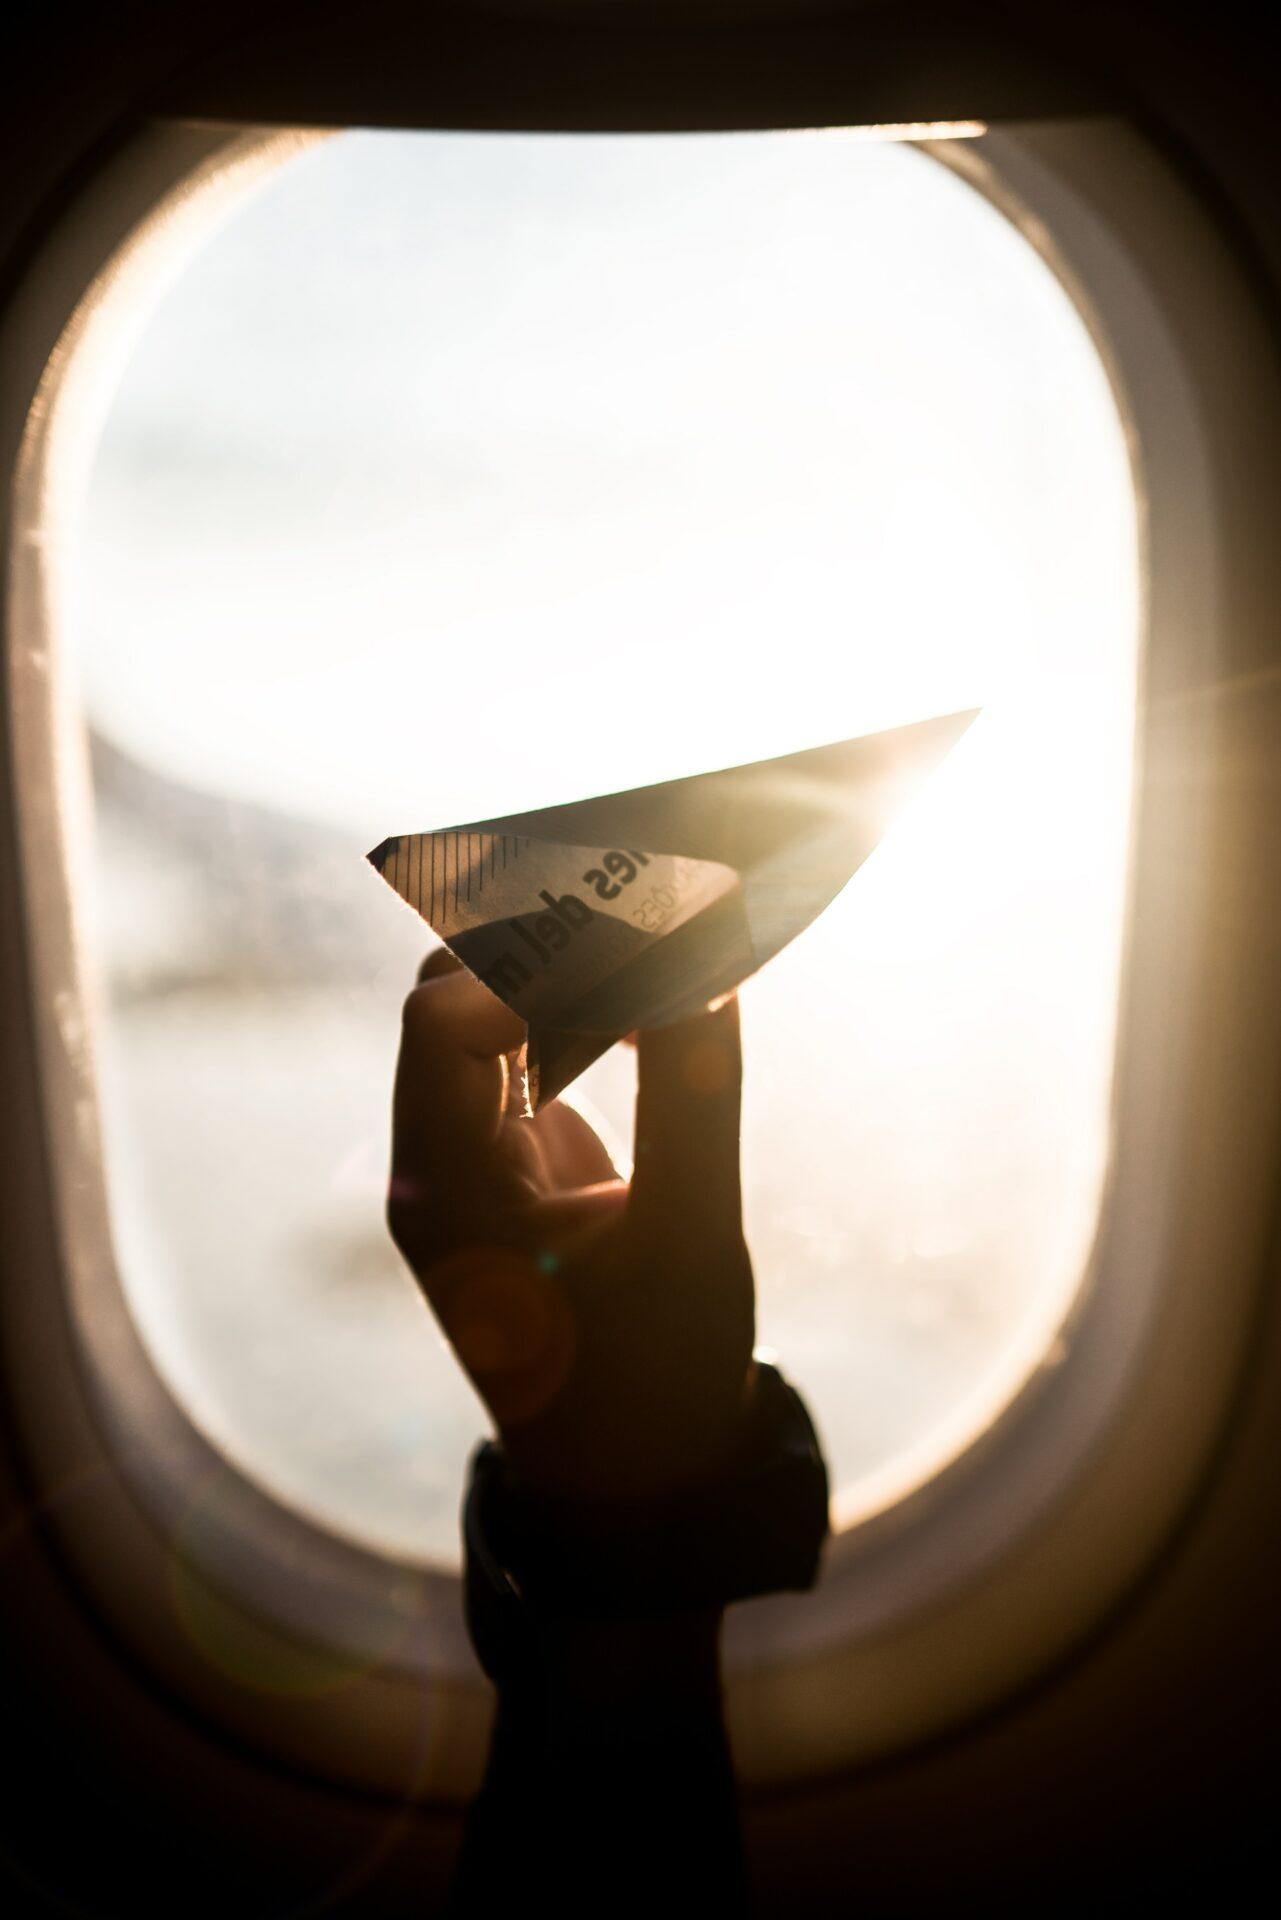 Duurzaam reizen - Tips om milieubewust te vliegen - Reisblog België TravelRebel - ARUBA - KLM